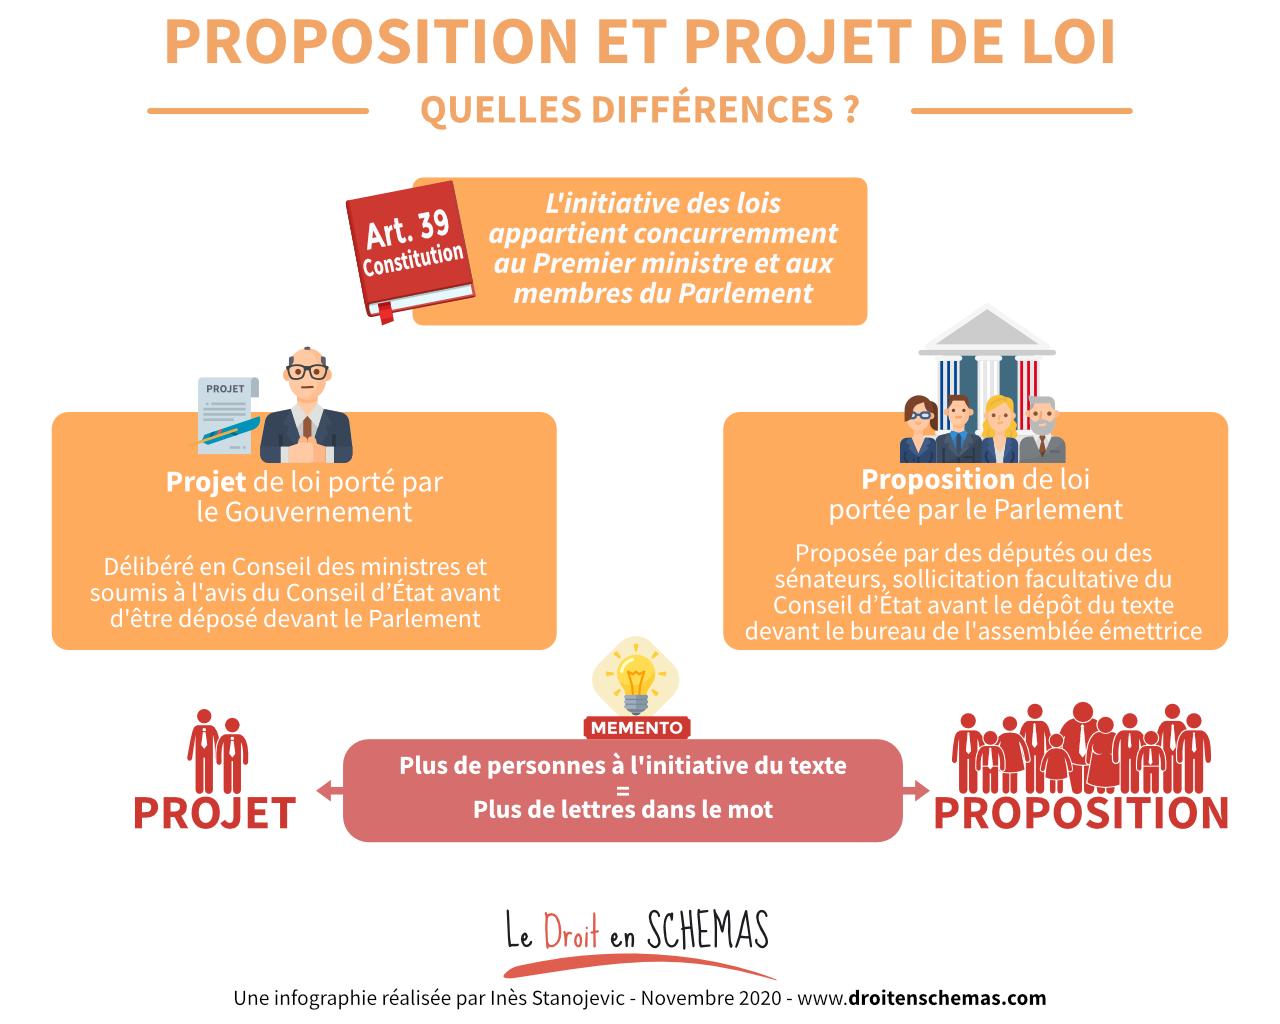 projet loi proposition droit en schémas gouvernement